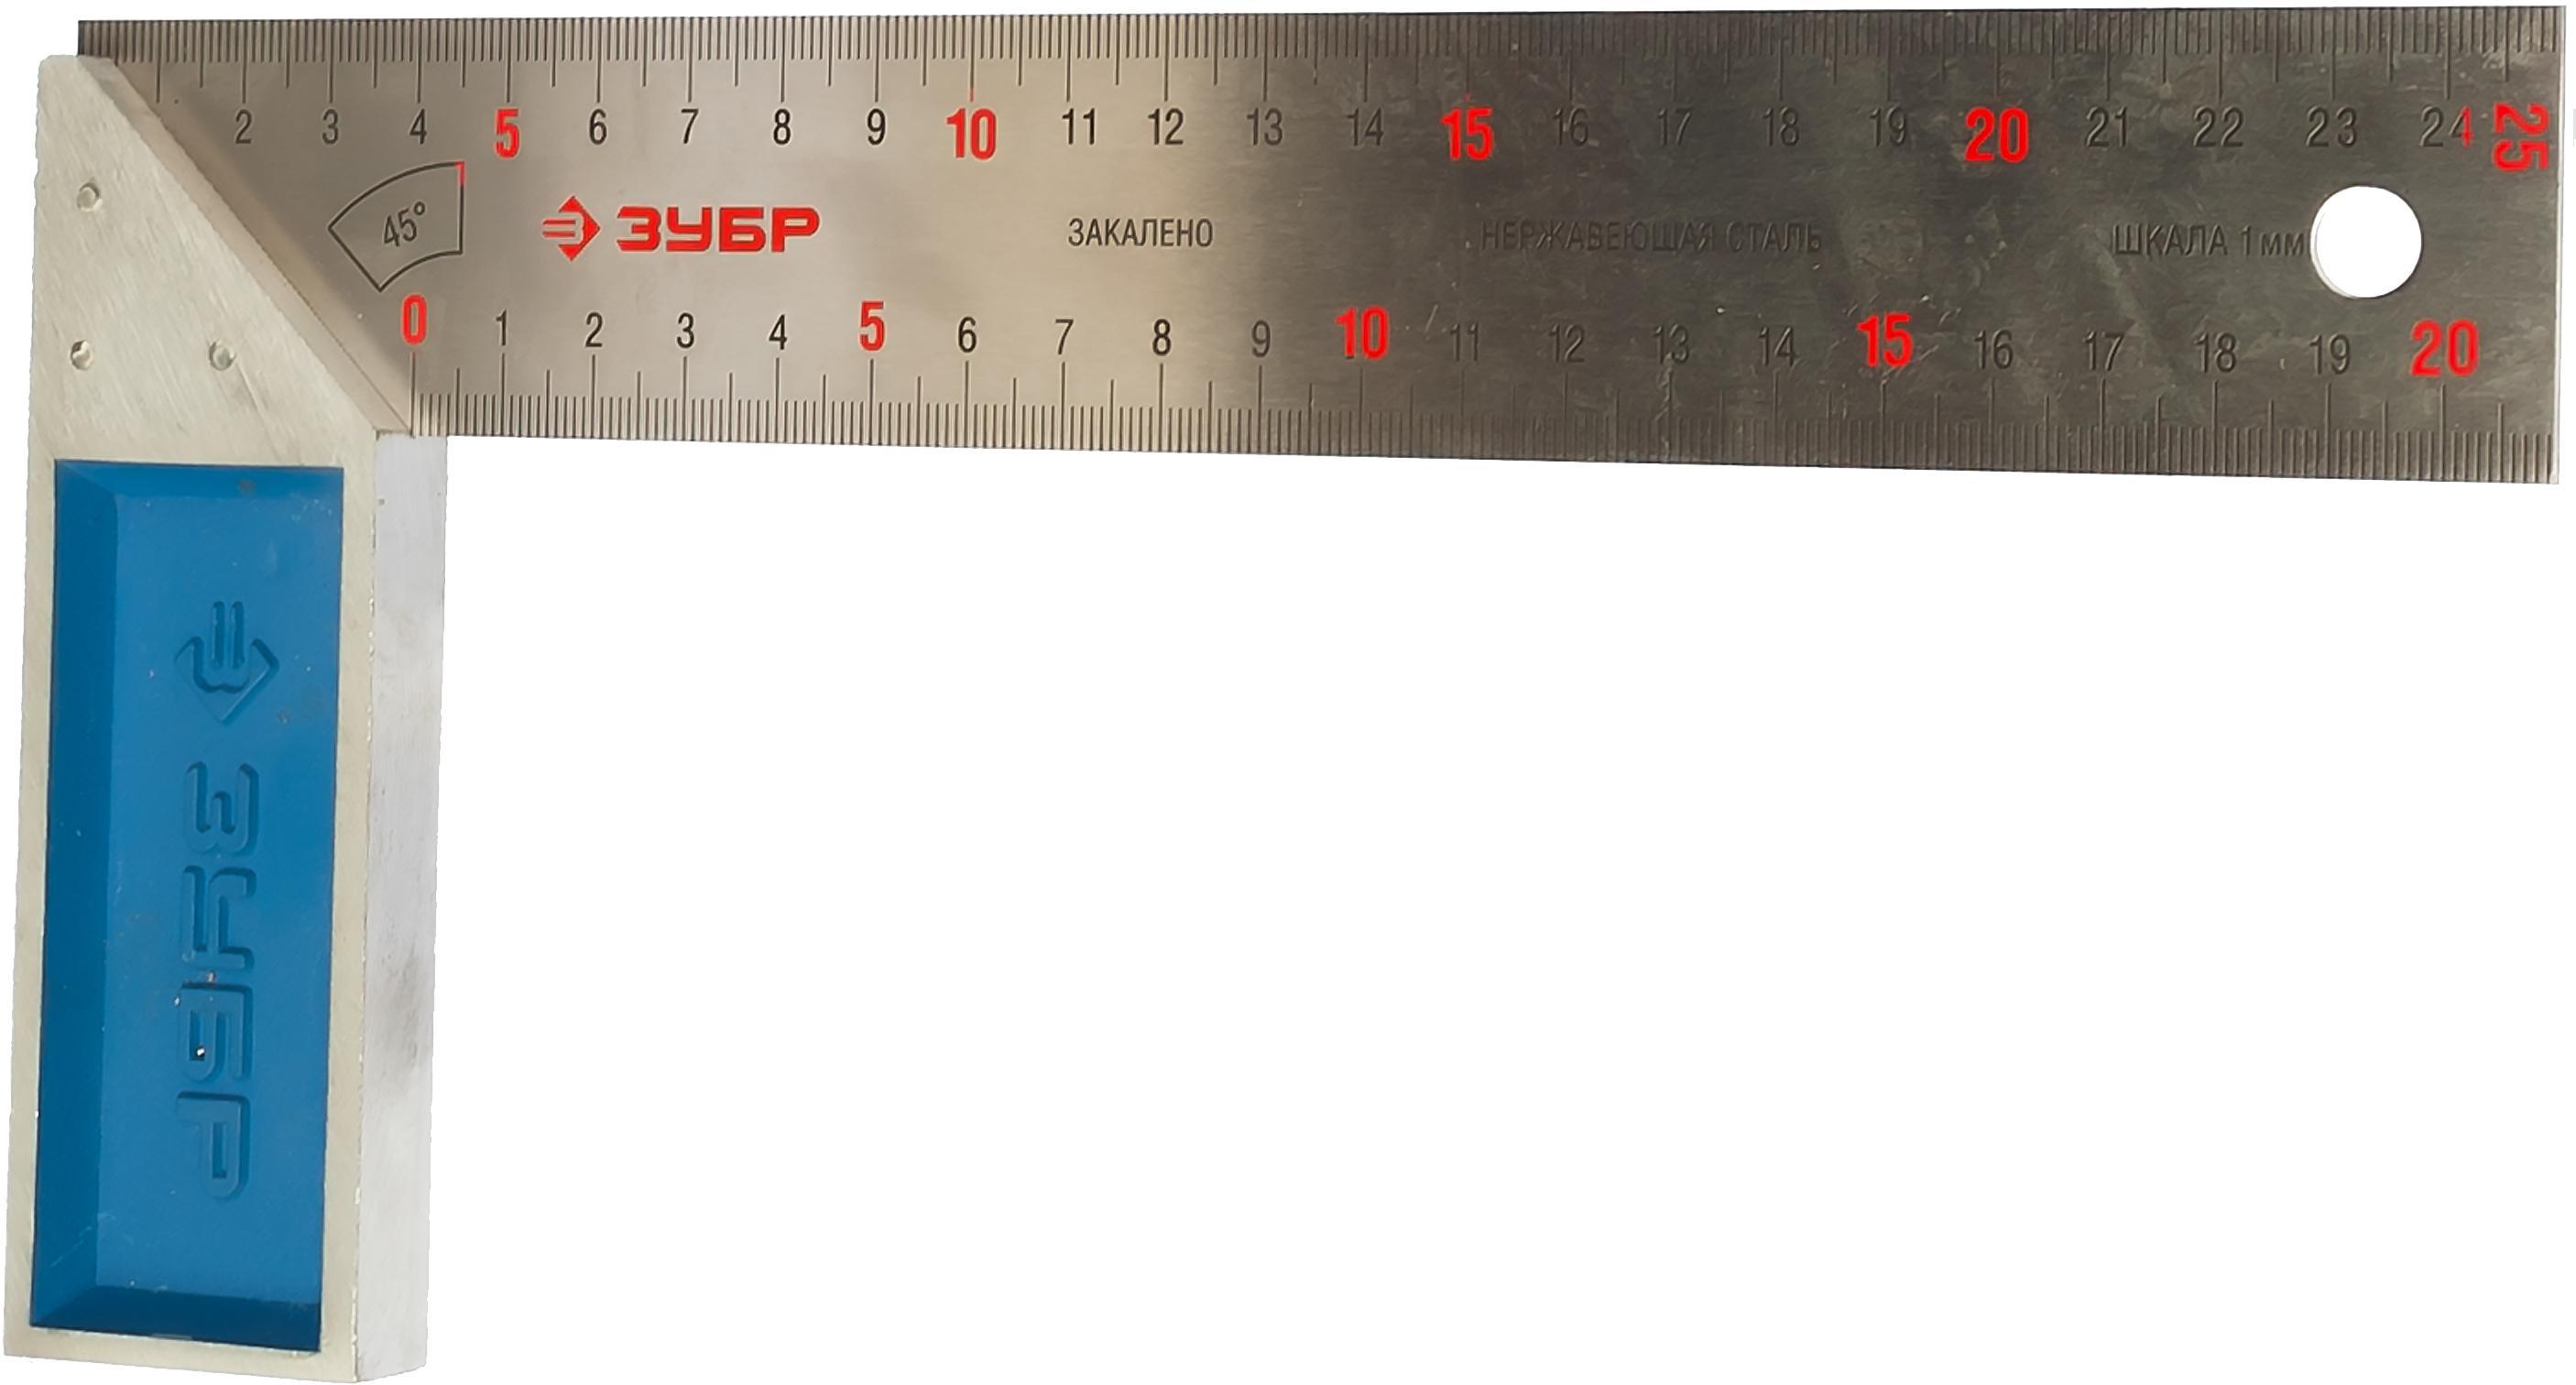 Угольник ЗУБР 34393-25 ЭКСПЕРТ очки защитные зубр эксперт 110235